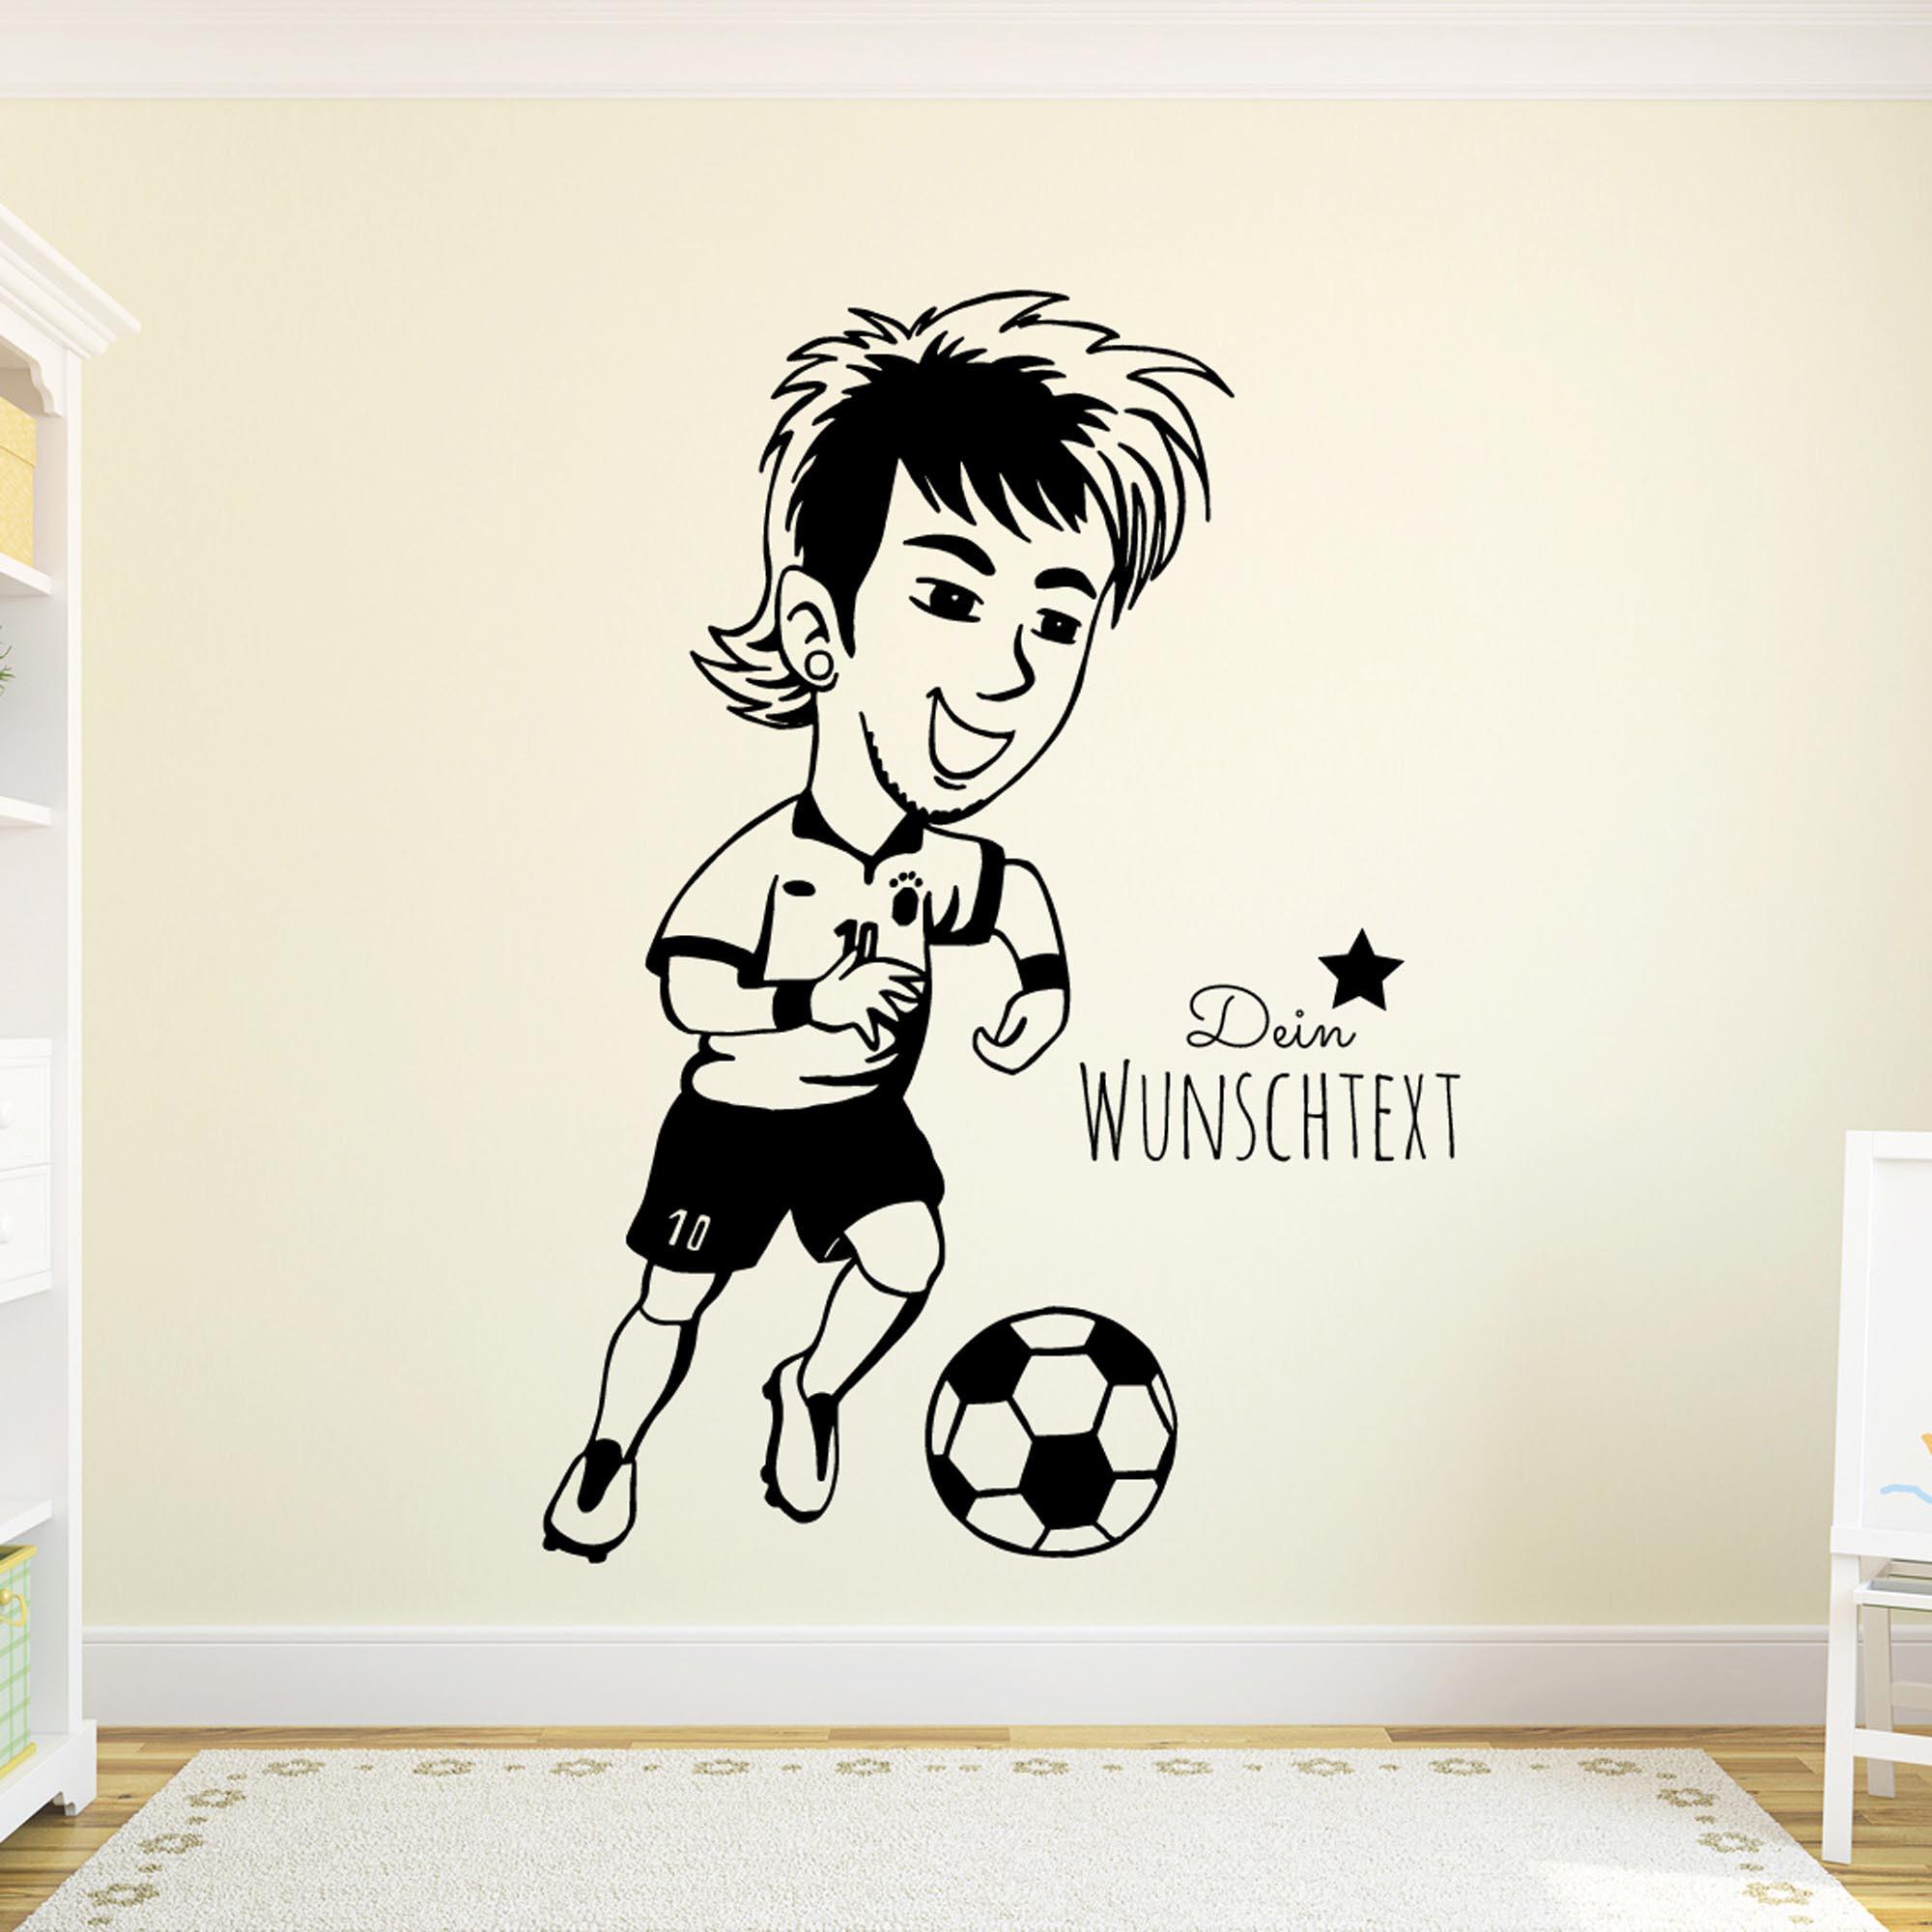 fußballspieler neymar